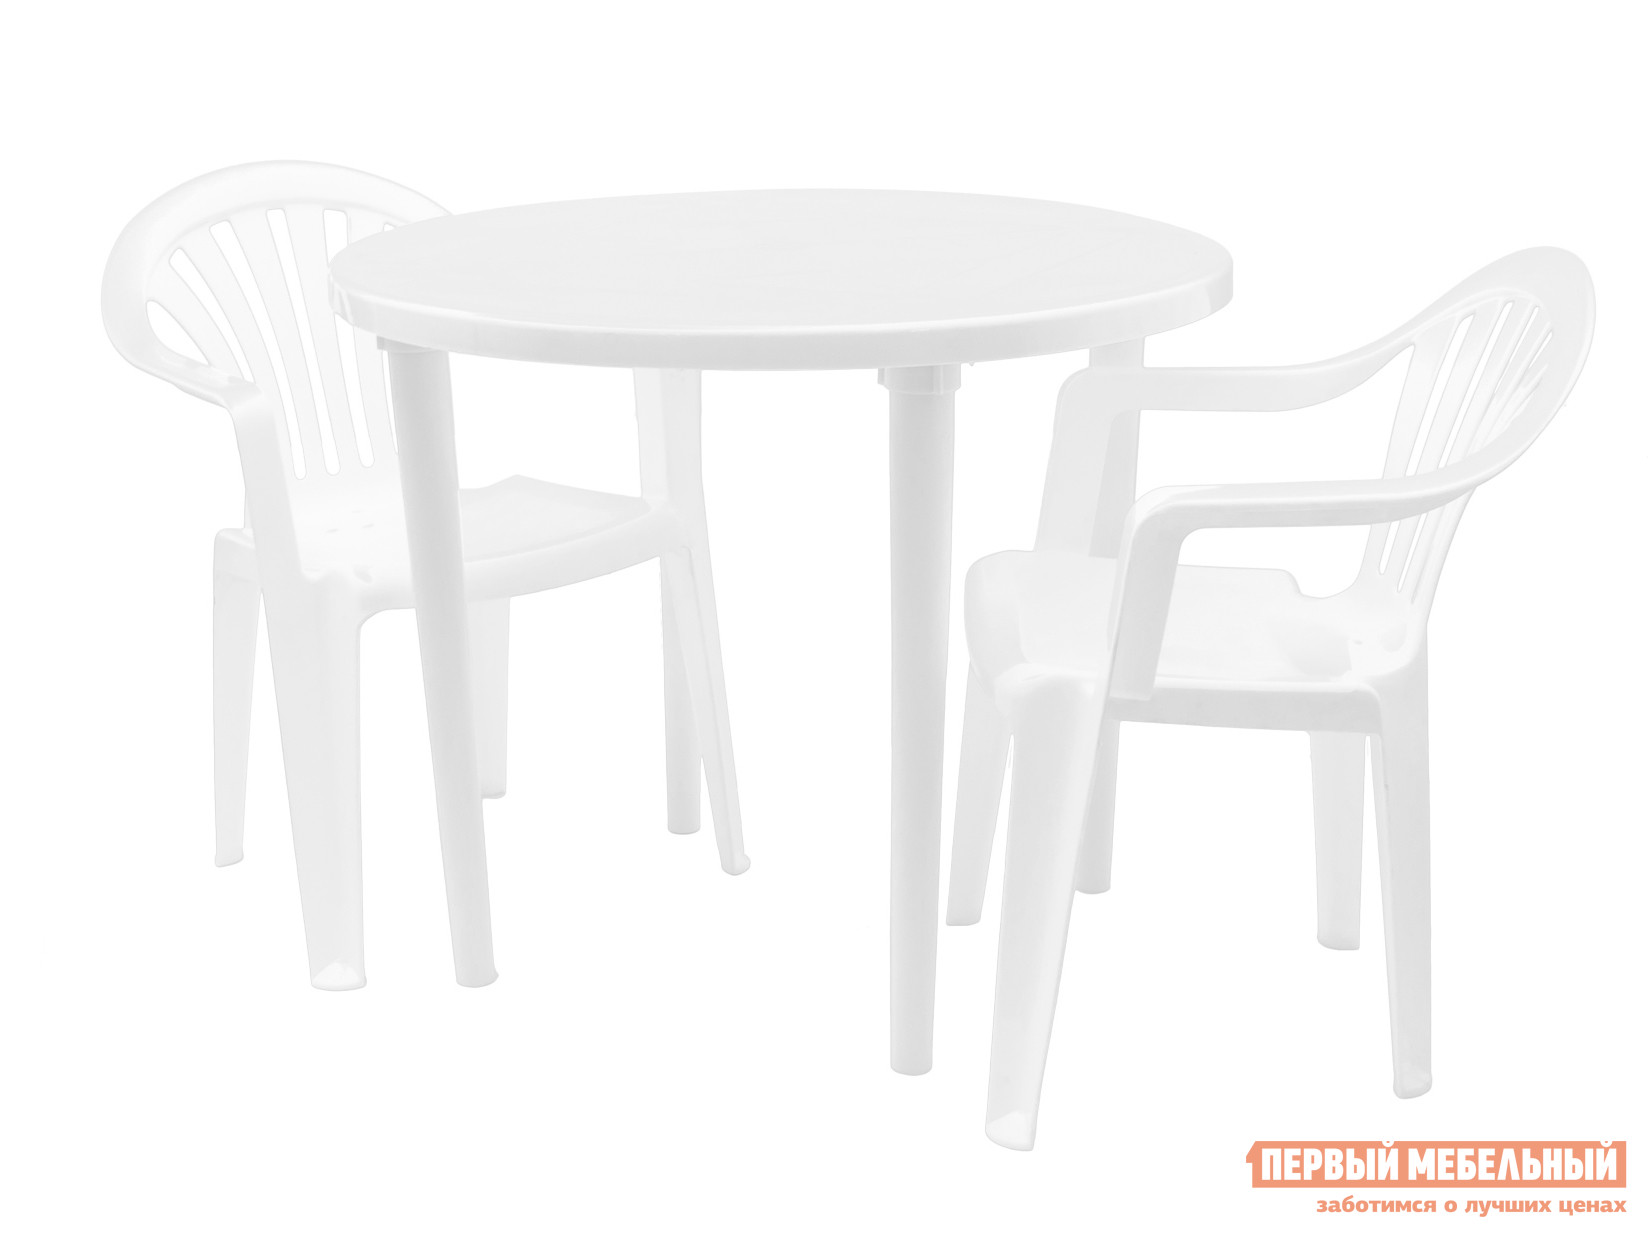 Набор пластиковой мебели Стандарт Пластик Стол круглый, д. 900 мм+Кресло №1 Пальма-1 (560х550х770мм), 4 шт БелыйНаборы пластиковой мебели<br>Габаритные размеры ВхШхГ xx мм. Практичность комплекта пластиковой мебели Рикул + Пальма-1 очаровывает с первого взгляда.  В гарнитуре три предмета.  Это удобный круглый стол размером (ВхШхГ): 710 х 900 х 900 мм и два комфортабельных кресла с резной спинкой (ВхШхГ): 770 х 560 х 550 мм.  Стол разборный — в зимнее время он хранится без ножек.  В столешнице предусмотрено отверстие для установки солнцезащитного зонта.  Кресла удобны и легки.  Они изготавливаются из цельнолитого пластика и выдерживают существенную нагрузку до 120 кг.  Когда кресла не используются, их можно стопировать друг на друга. Приобрести все необходимое для организации комфортного загородного отдыха вы можете в интернет-магазине «Купистол».<br><br>Цвет: Белый<br>Кол-во упаковок: 3<br>Форма поставки: В разобранном виде<br>Срок гарантии: 1 год<br>Тип: На 2 персоны